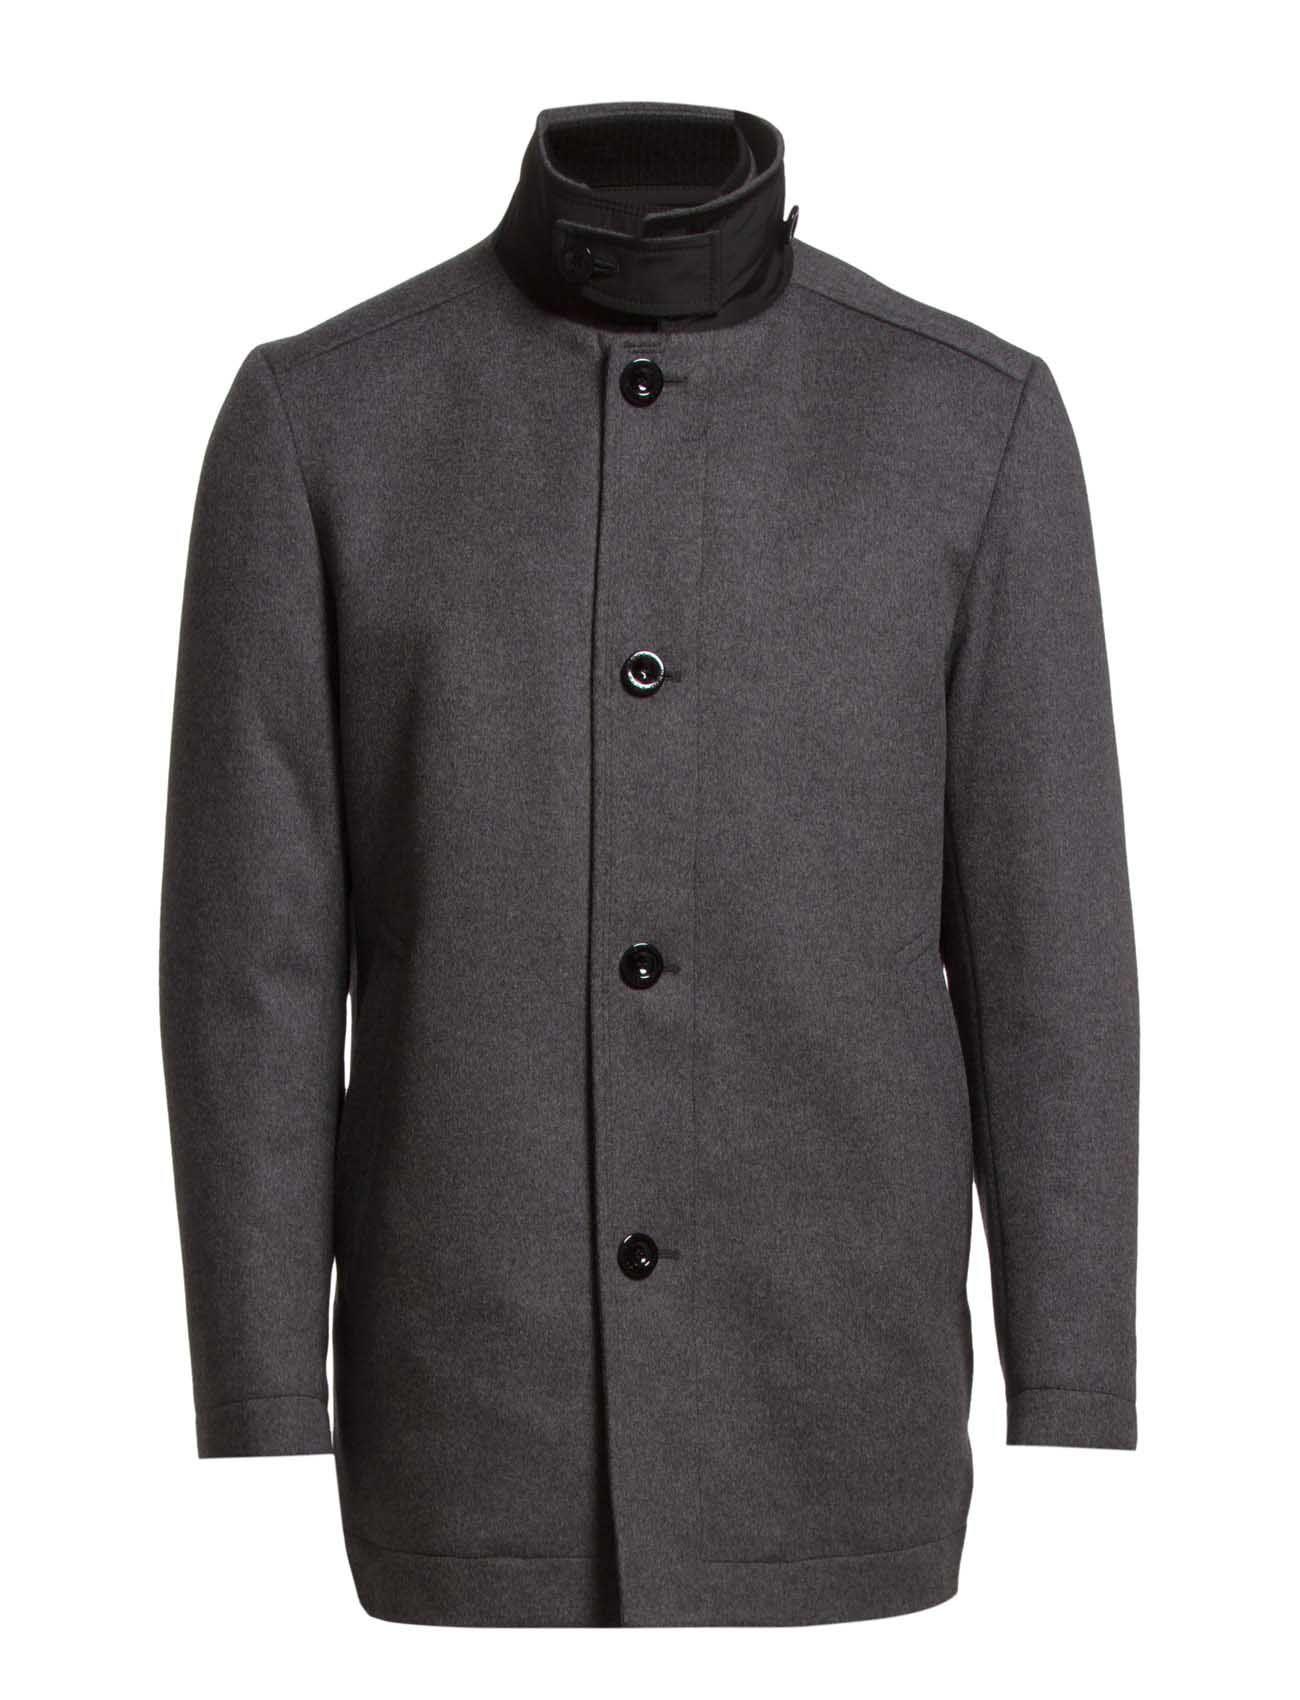 handla billiga kläder online